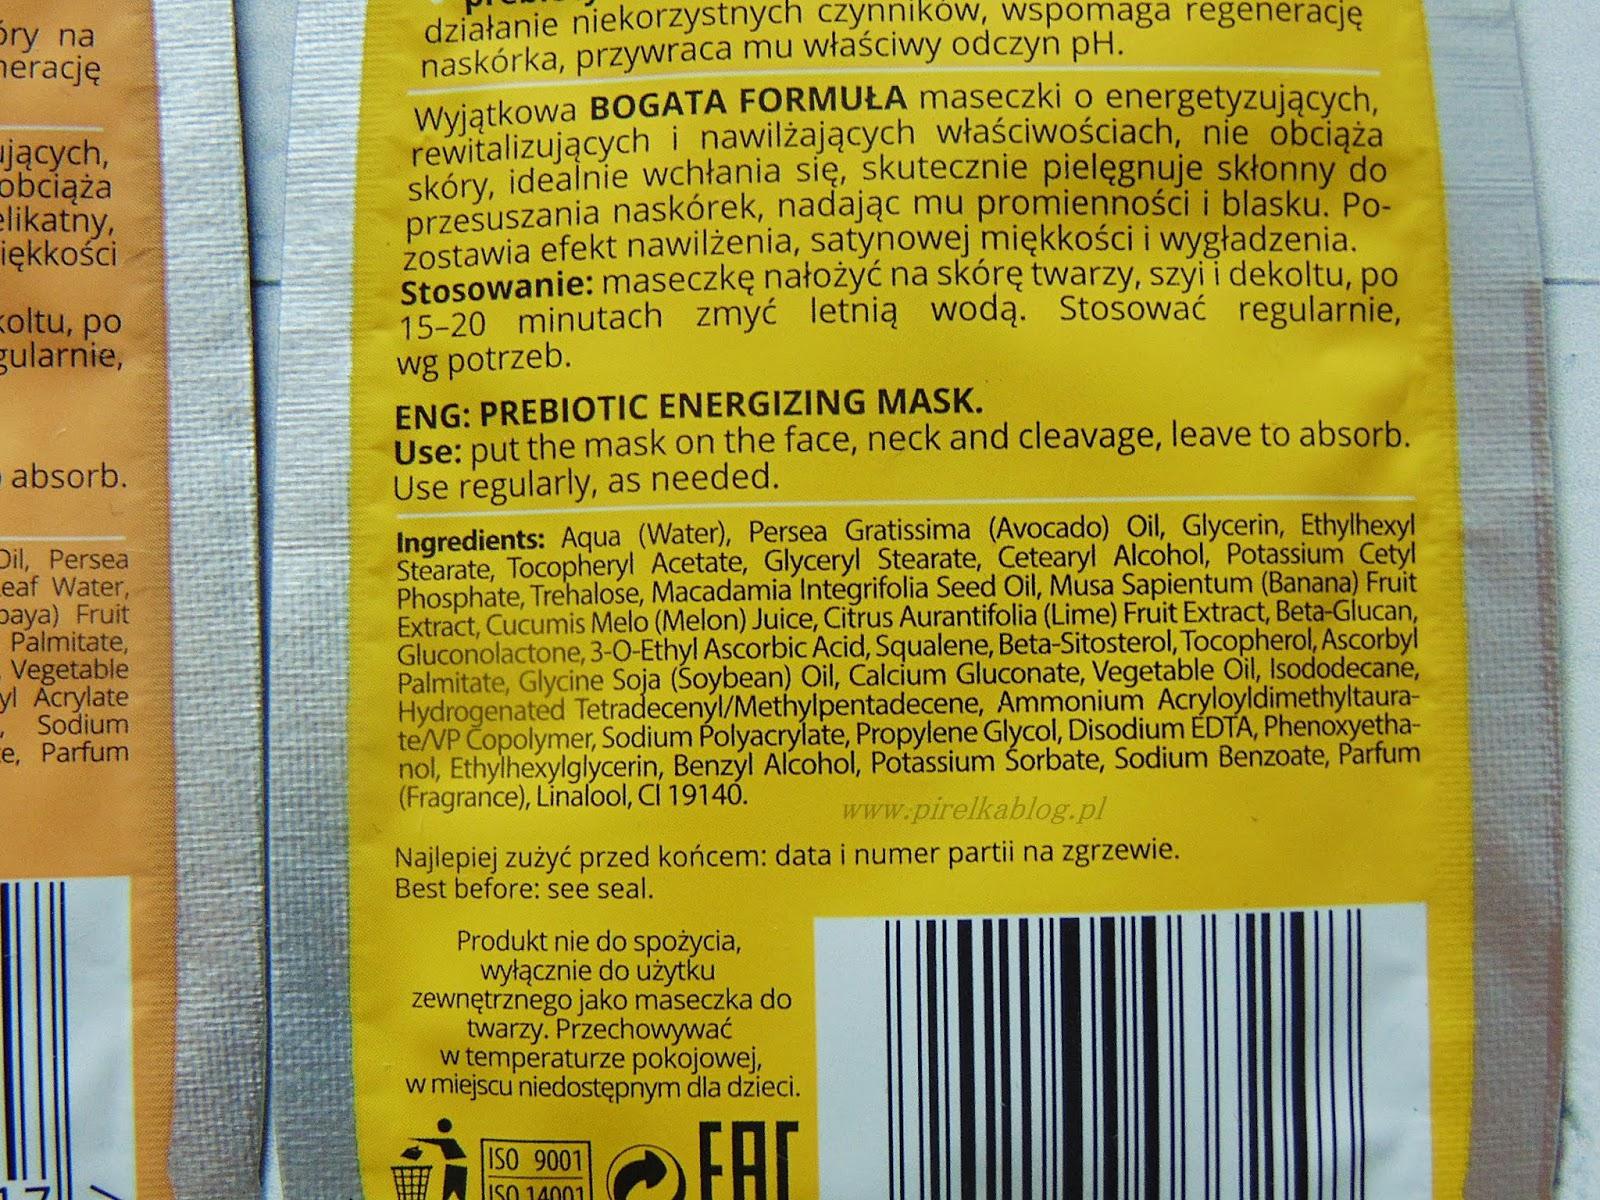 Smoothie Mask, Bielenda - prebiotyczne maseczki do twarzy